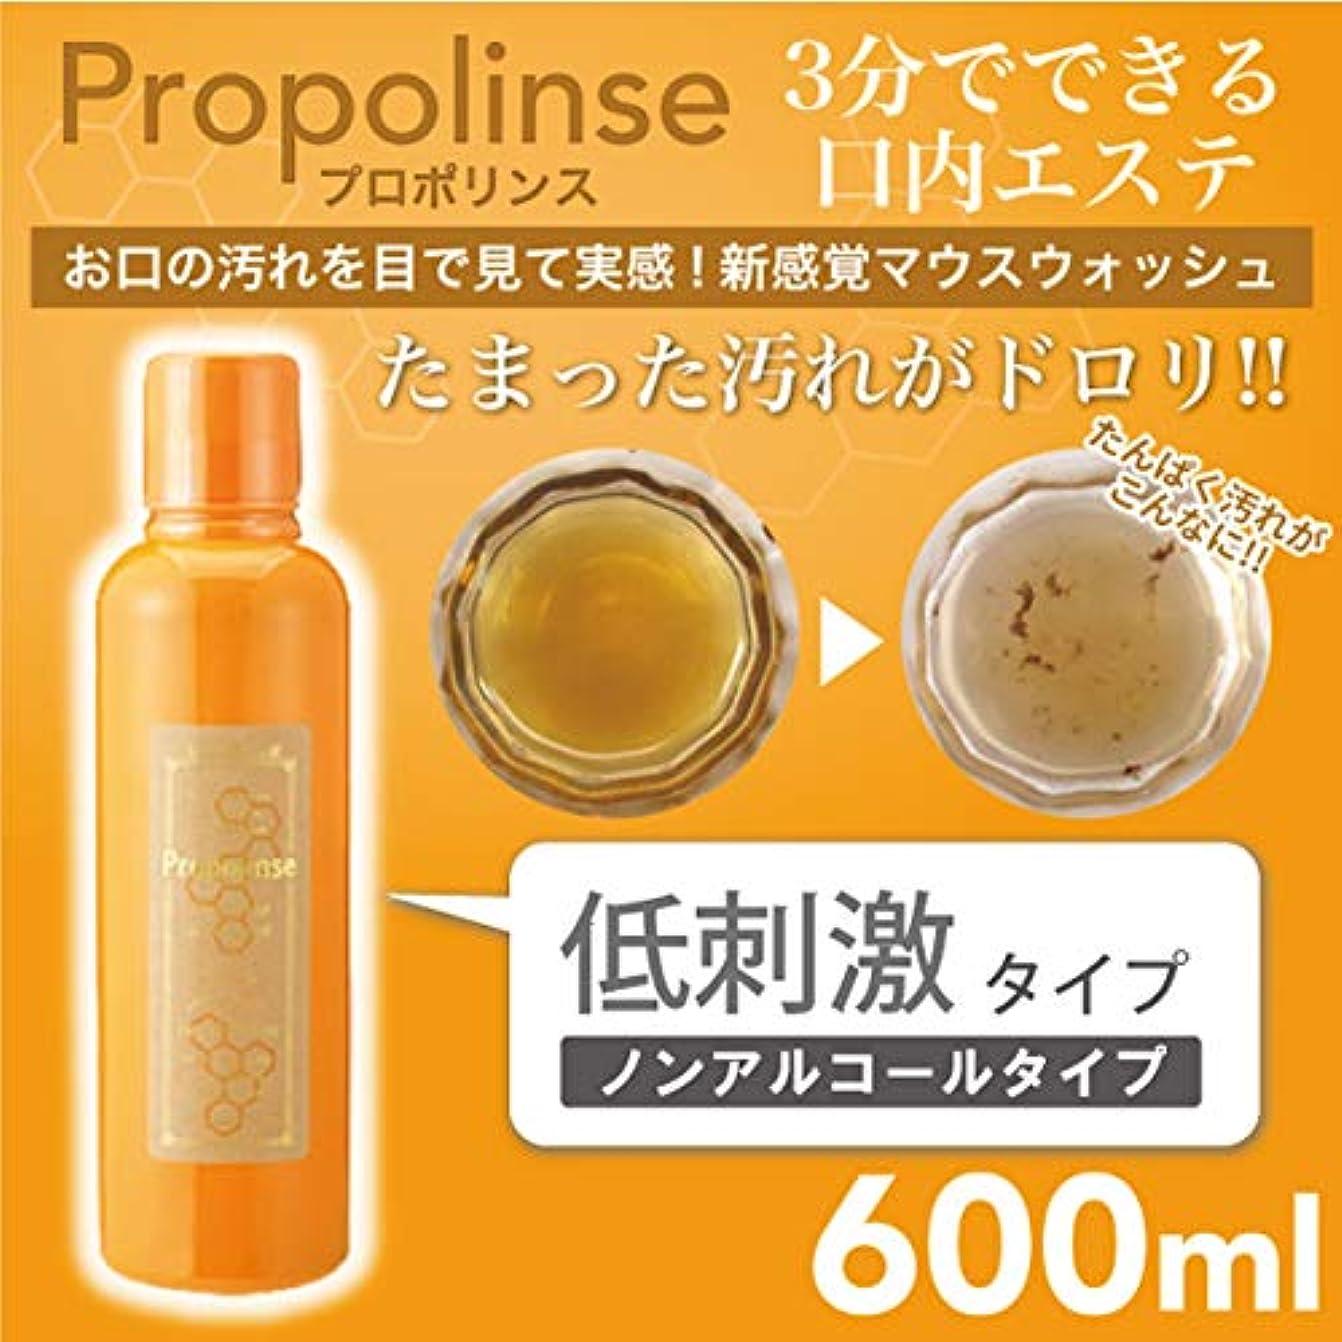 影物理ヘアプロポリンス マウスウォッシュ ピュア (ノンアルコール低刺激) 600ml [30本セット] 口臭対策